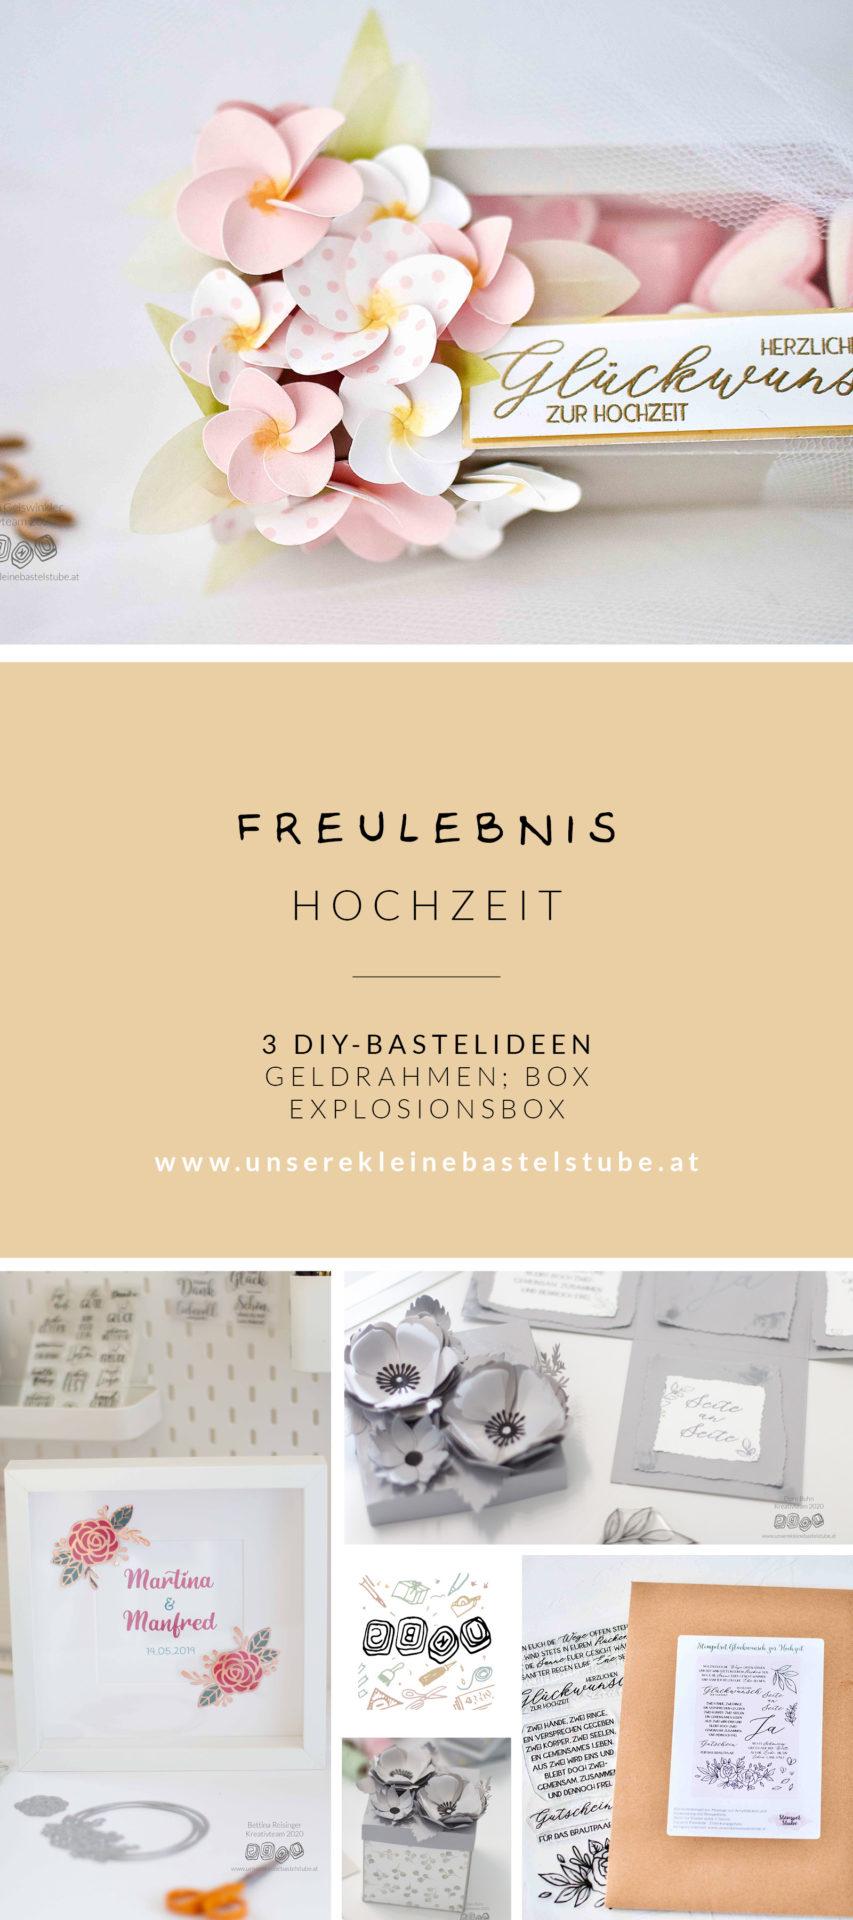 ukbs_pinterest_3-diy-ideen-hochzeitsgeschenke2